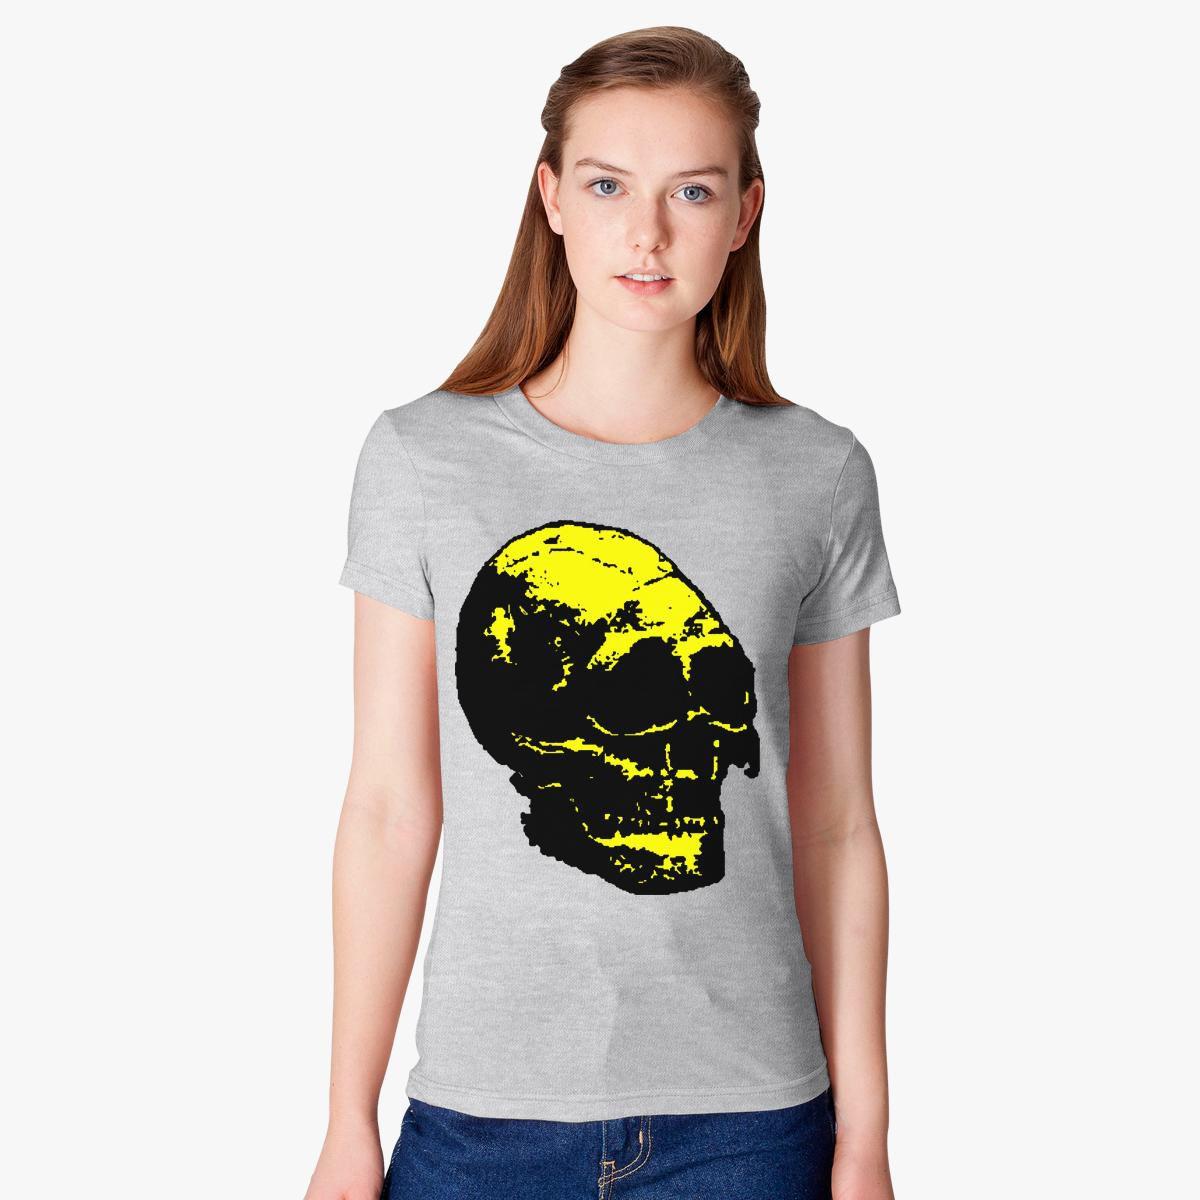 Bastard Noise Women's T-shirt